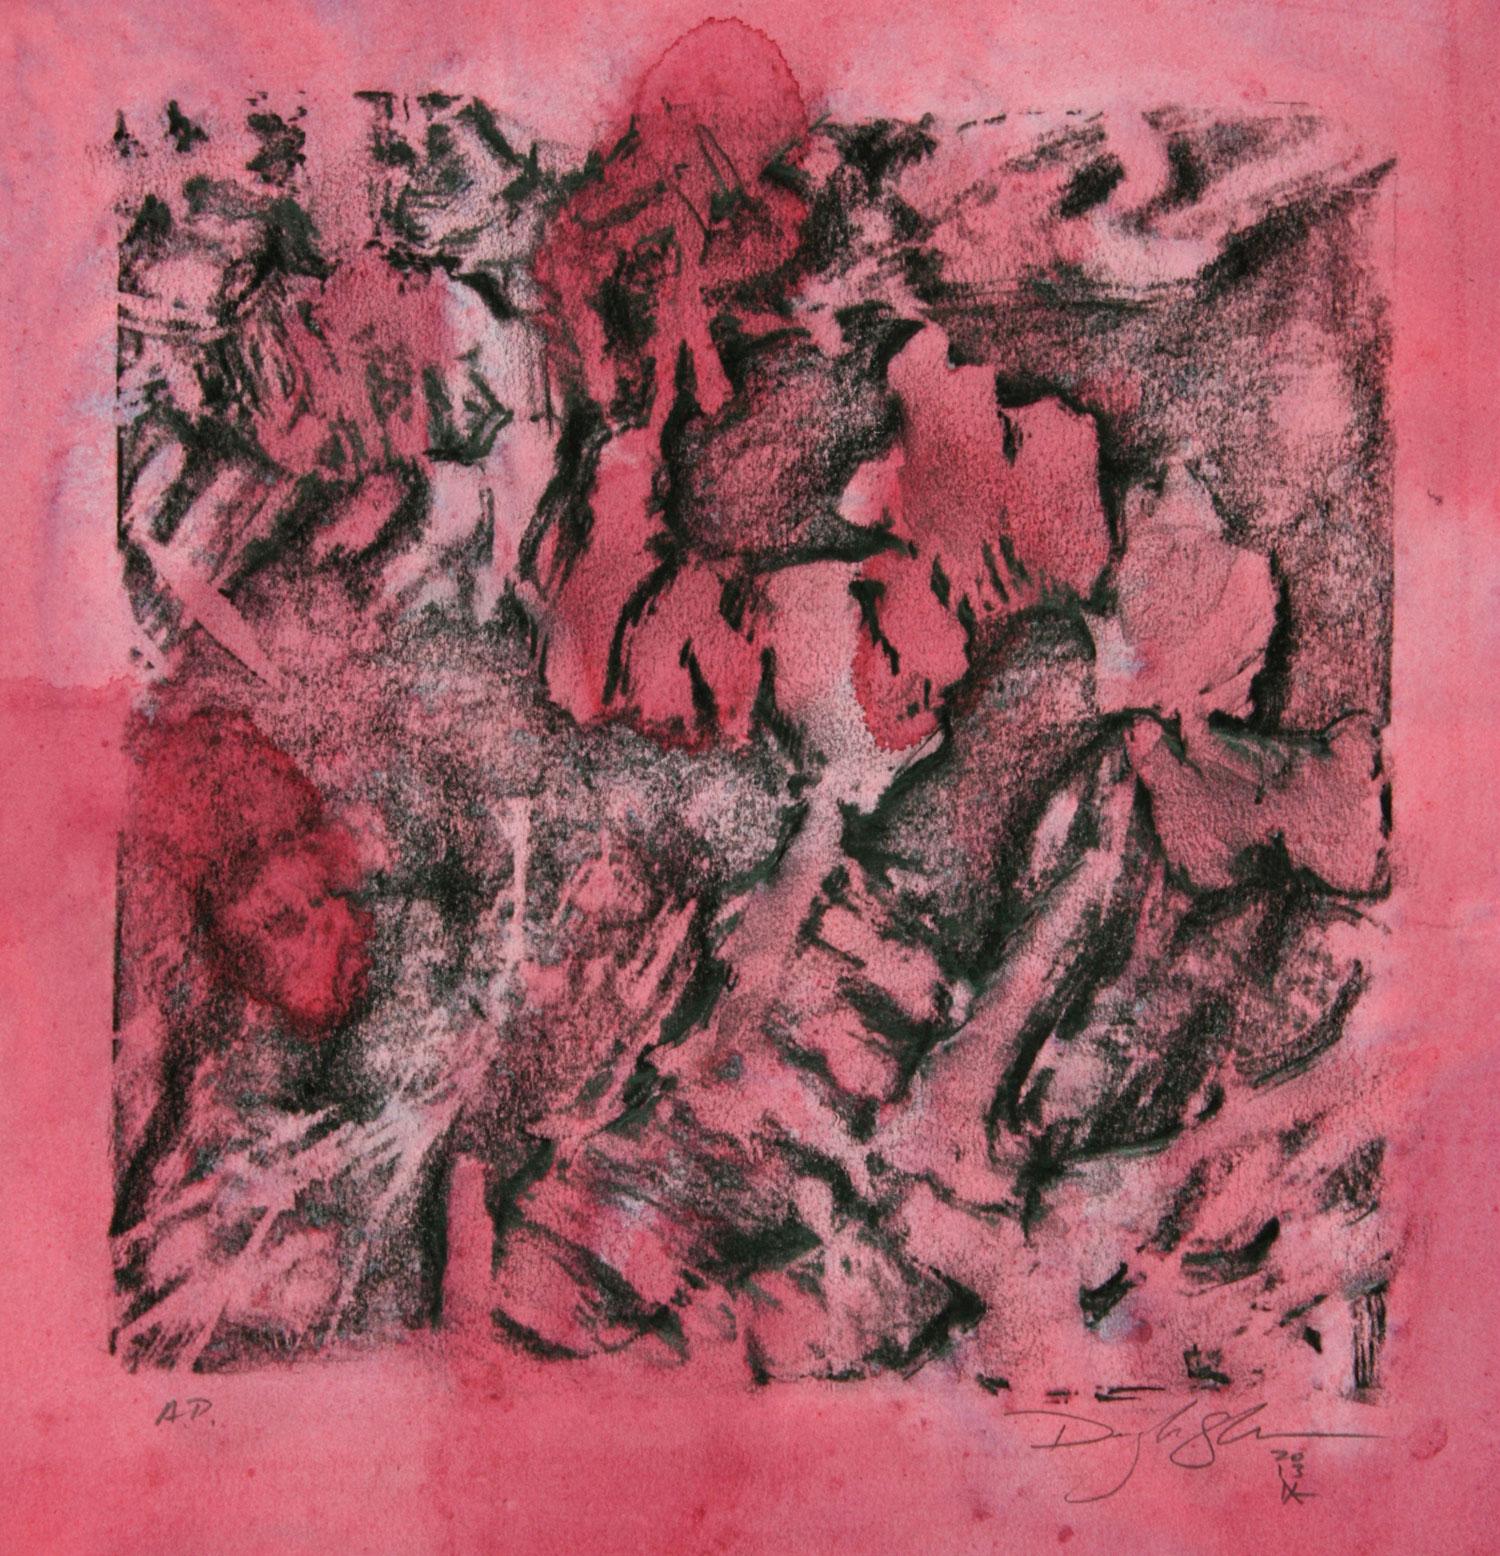 """SCAPE, A.P. -3  12"""" X 12"""" image   19.5"""" x 25.5"""" Canson Dessin Paper"""